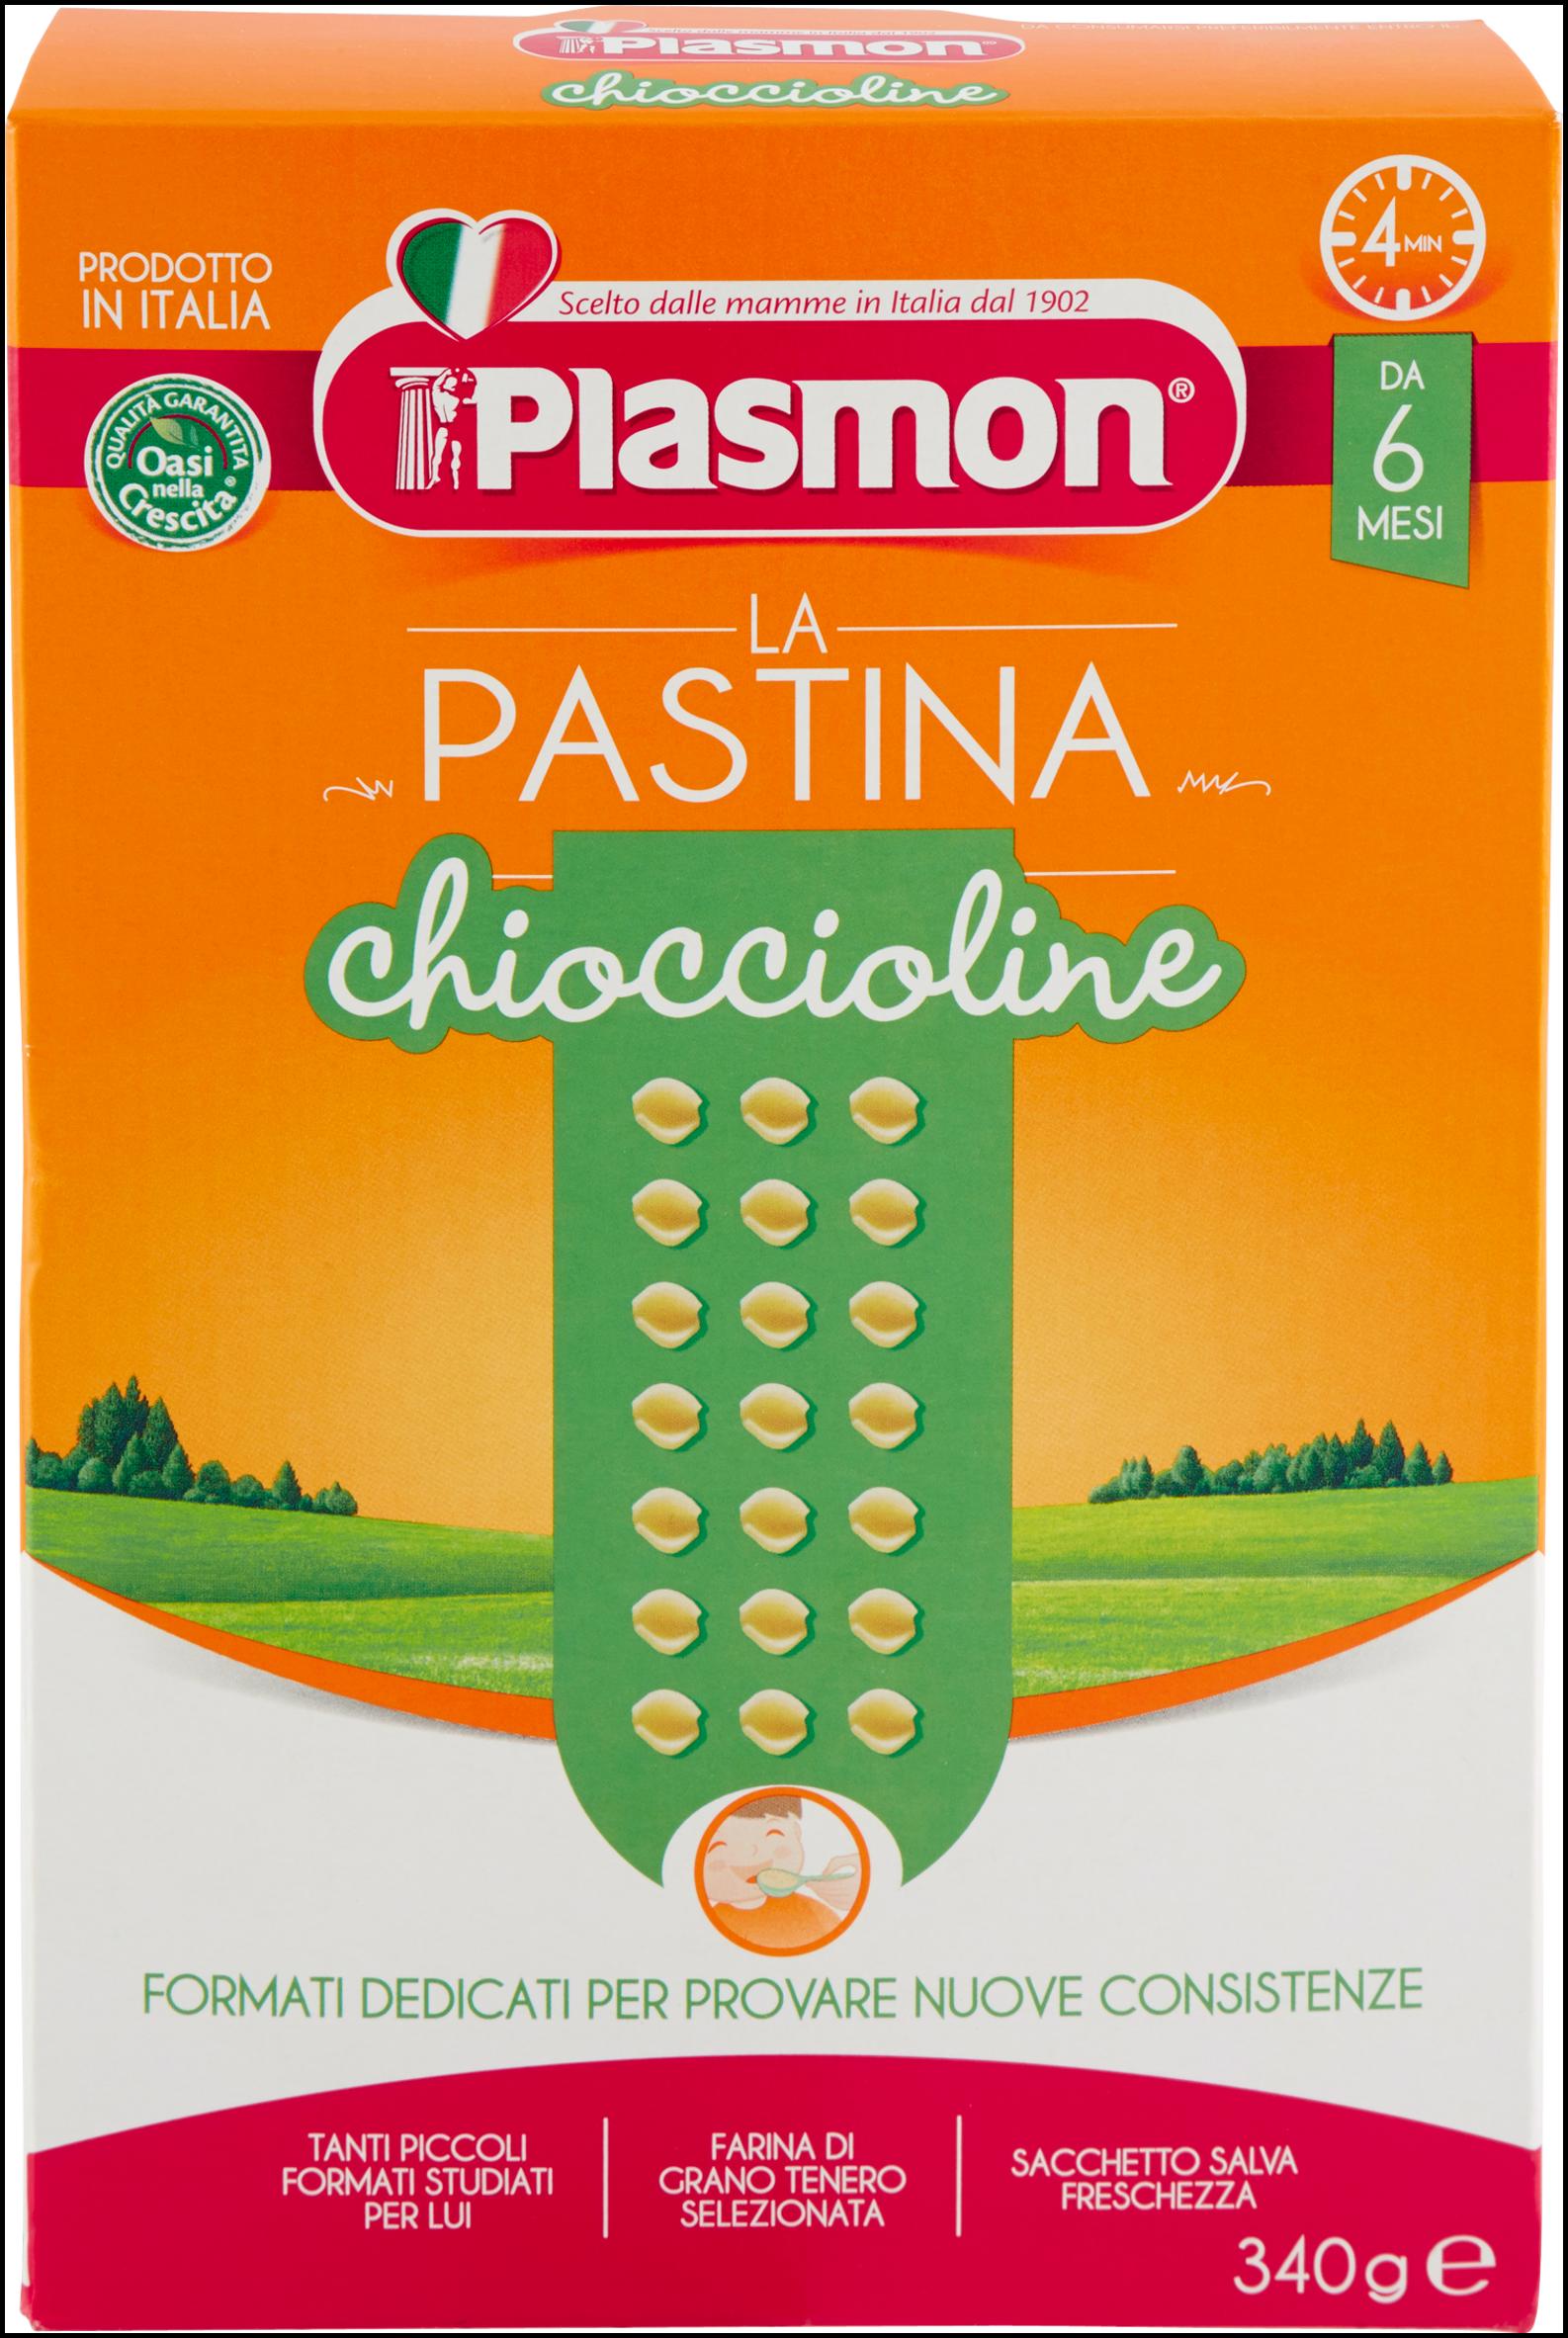 PASTINA PLASMON N.13 CHIOCCIOLINE 340G